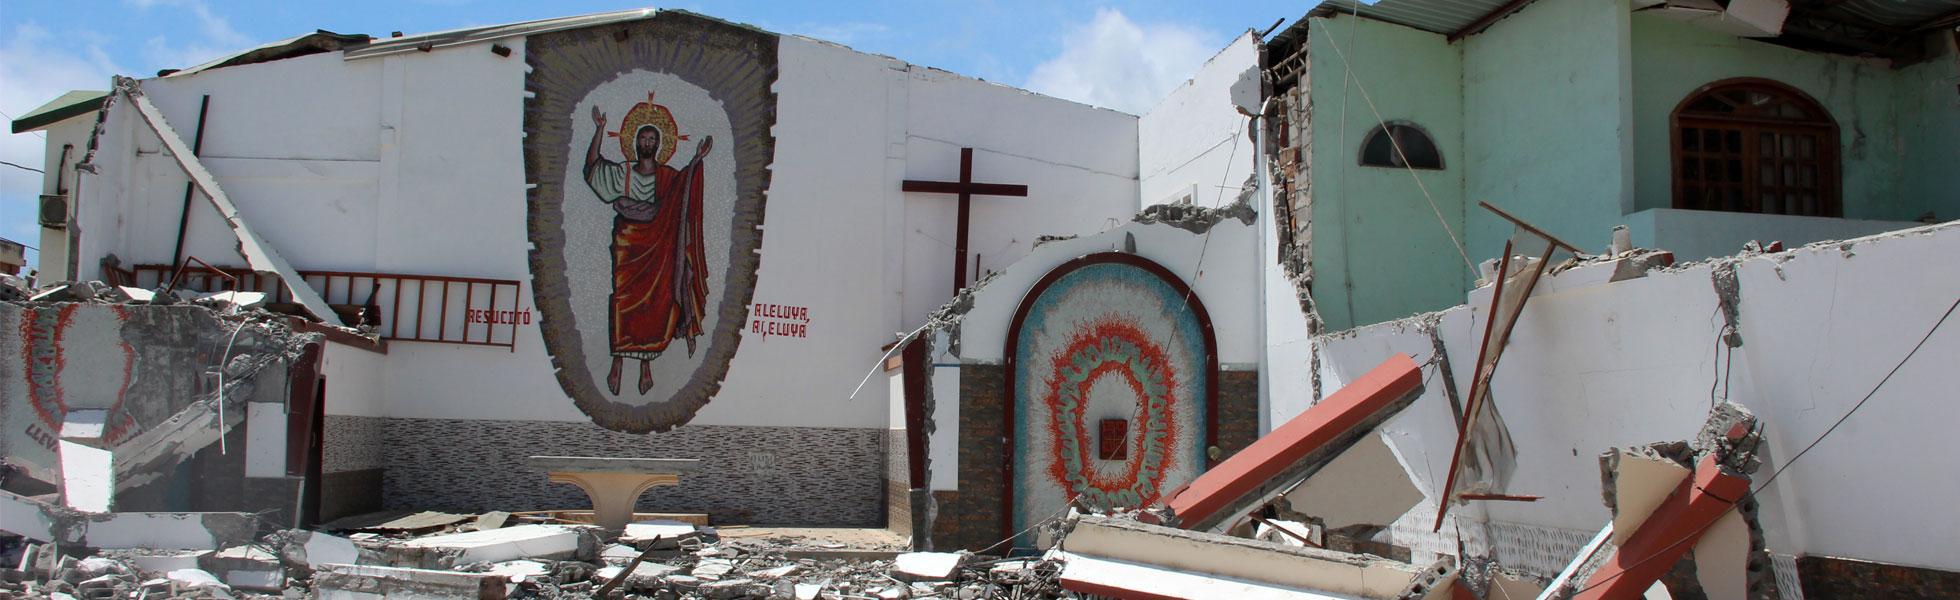 Un año después del terremoto de Ecuador: ¡No se olviden de nosotros!